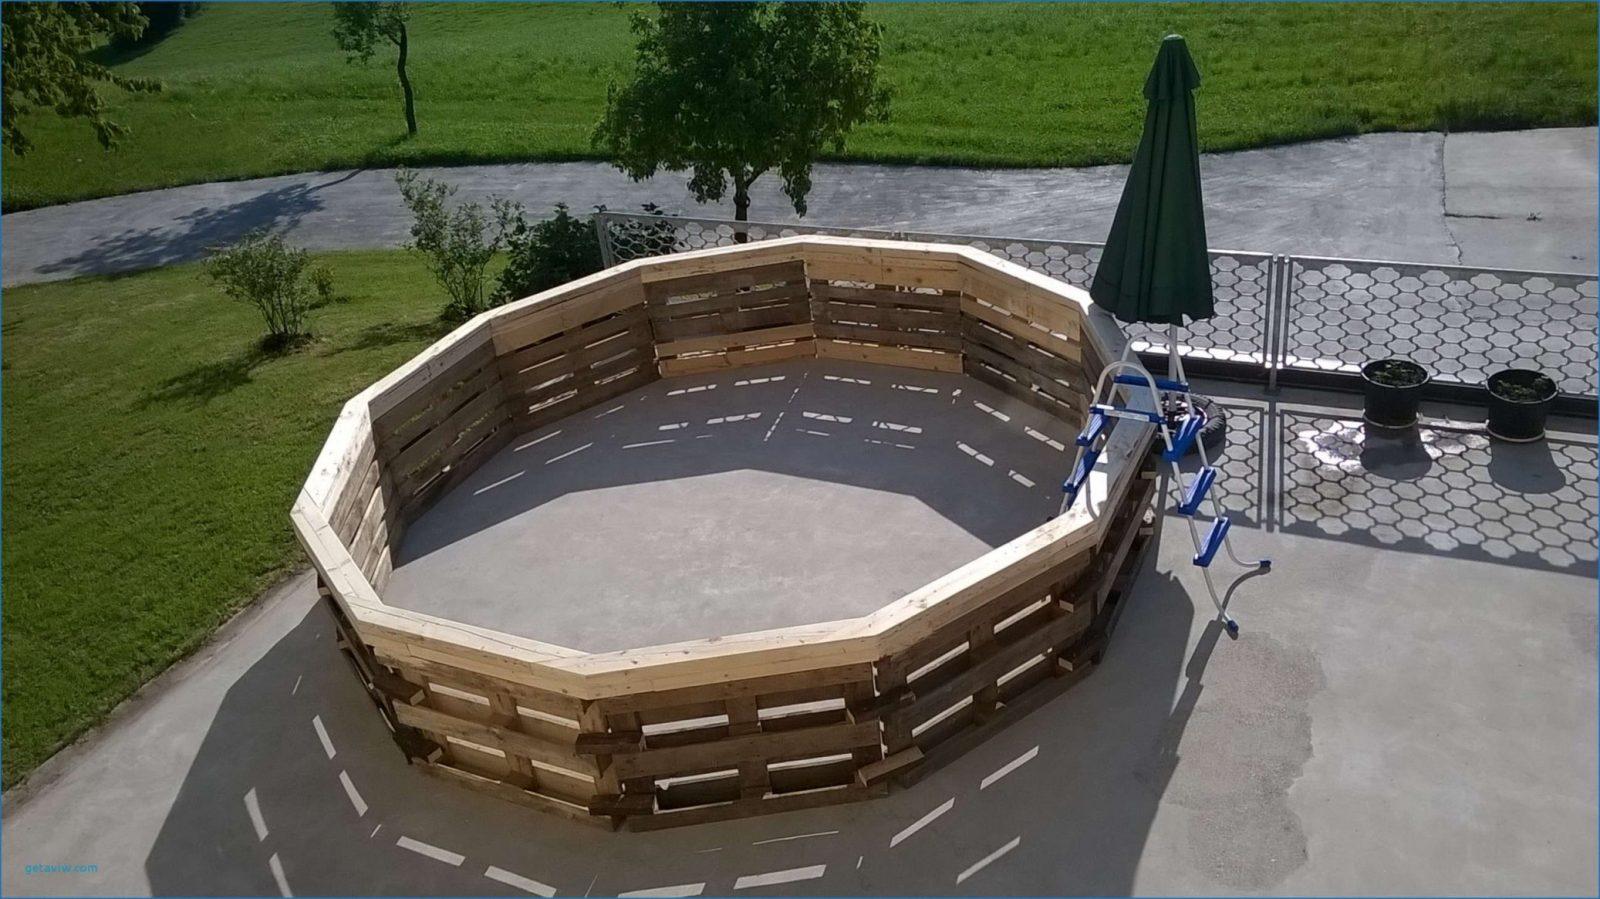 Schwimmteich Selber Bauen Design Von Pool Eigenbau  Komplette Ideen von Pool Aus Paletten Selber Bauen Bild